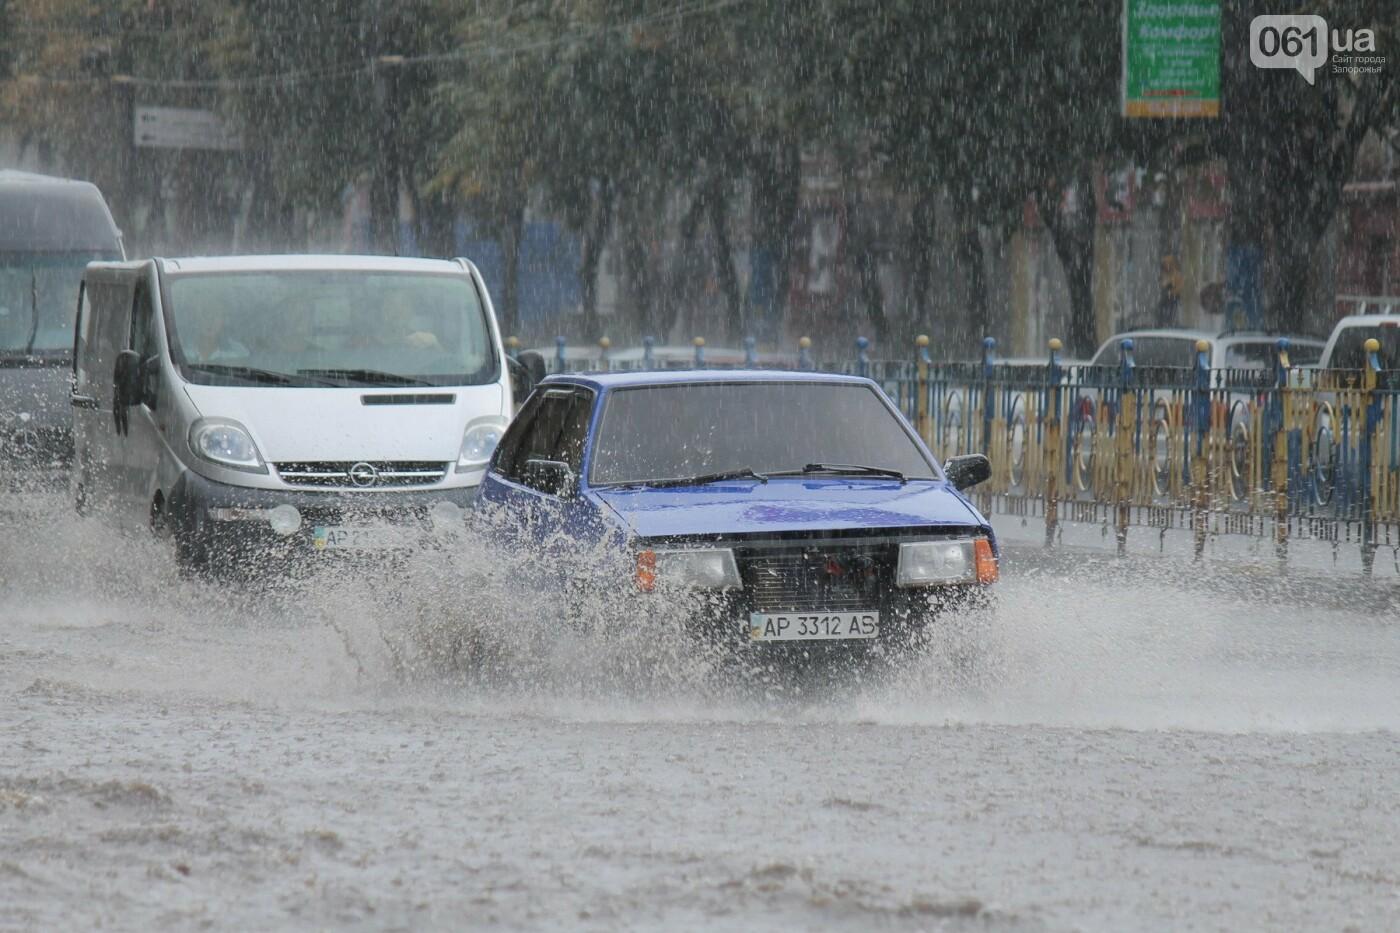 Запорожье накрыл мощный ливень: улицы затопило, люди насквозь промокли, – ФОТОРЕПОРТАЖ, фото-6